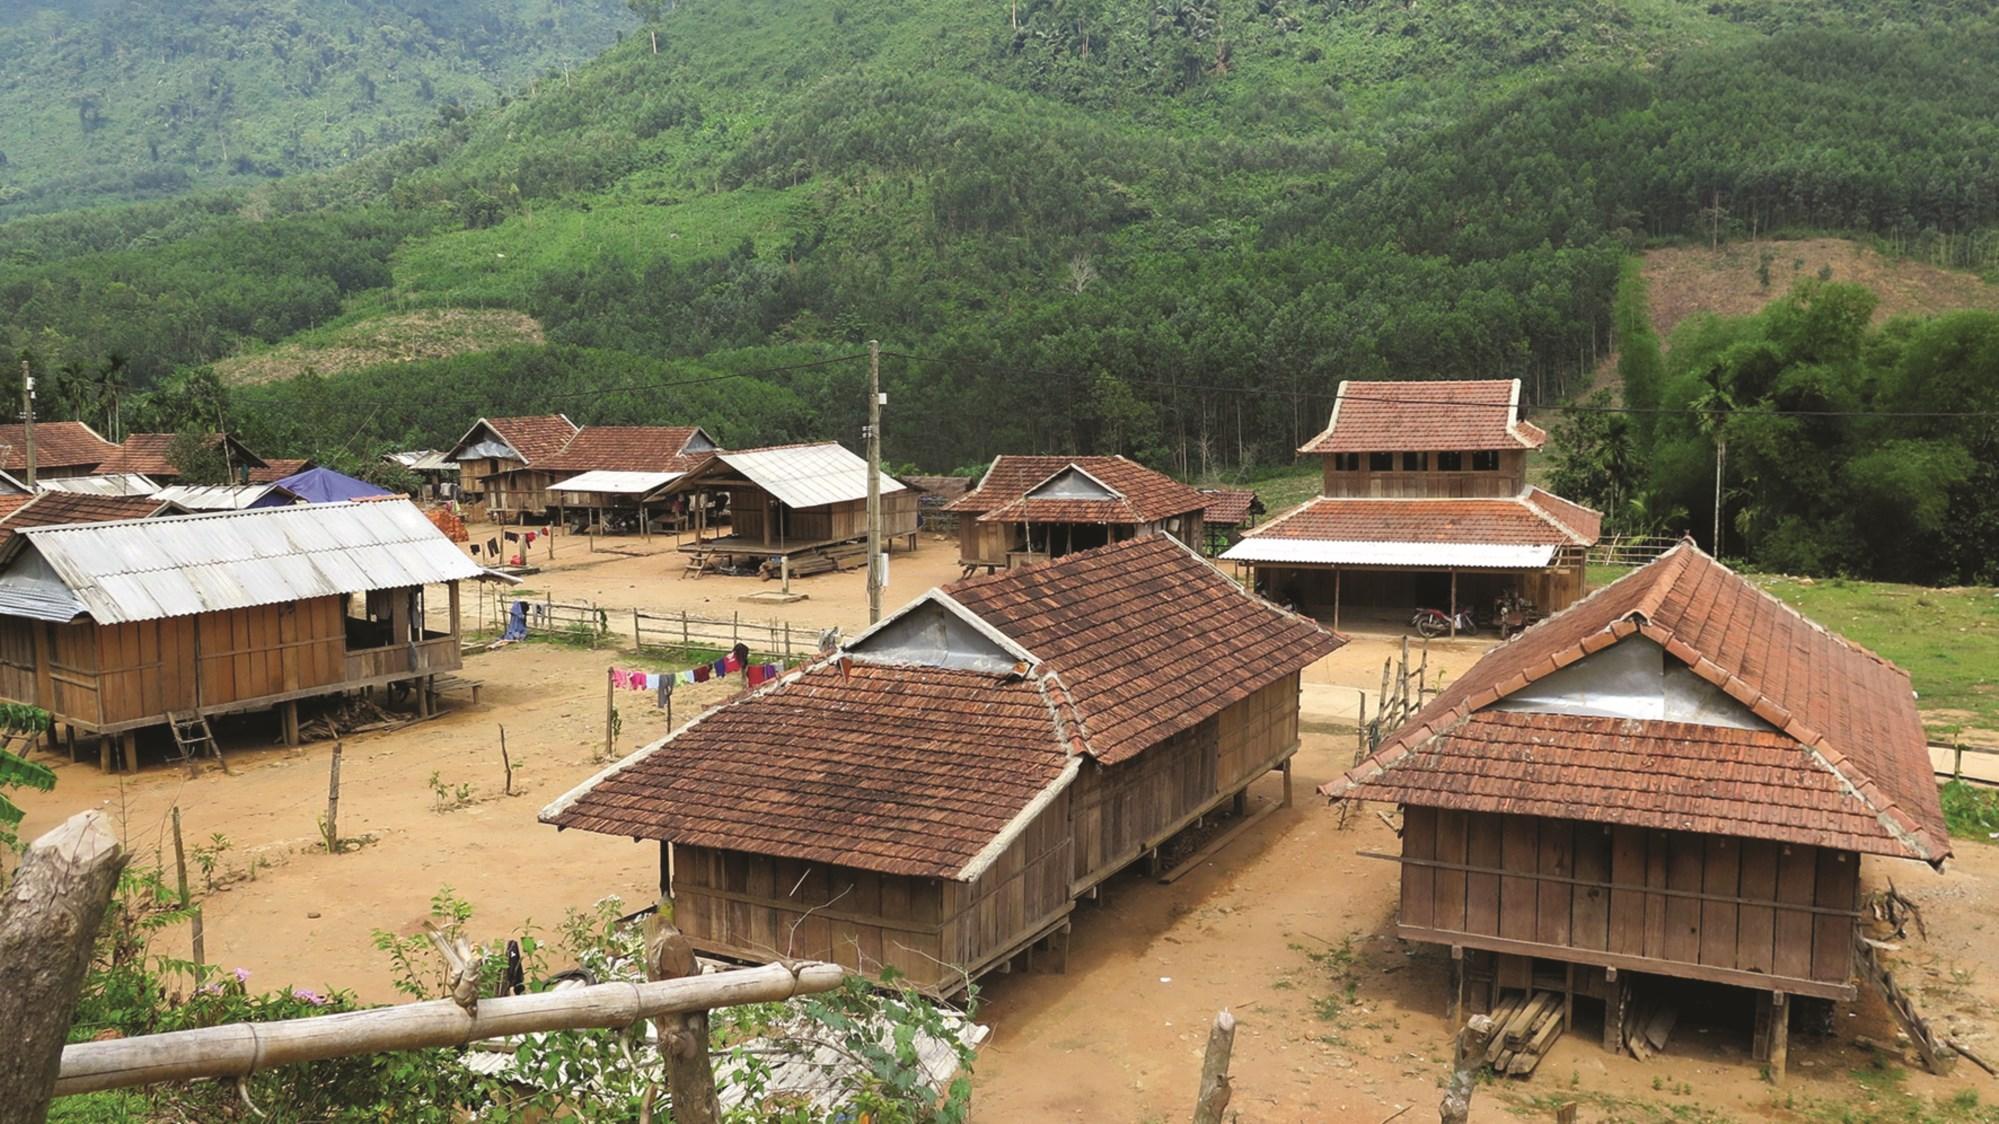 Nhờ sự đầu tư của Nhà nước, nhiều vùng đồng bào DTTS ở Quảng Ngãi được xây dựng khang trang.